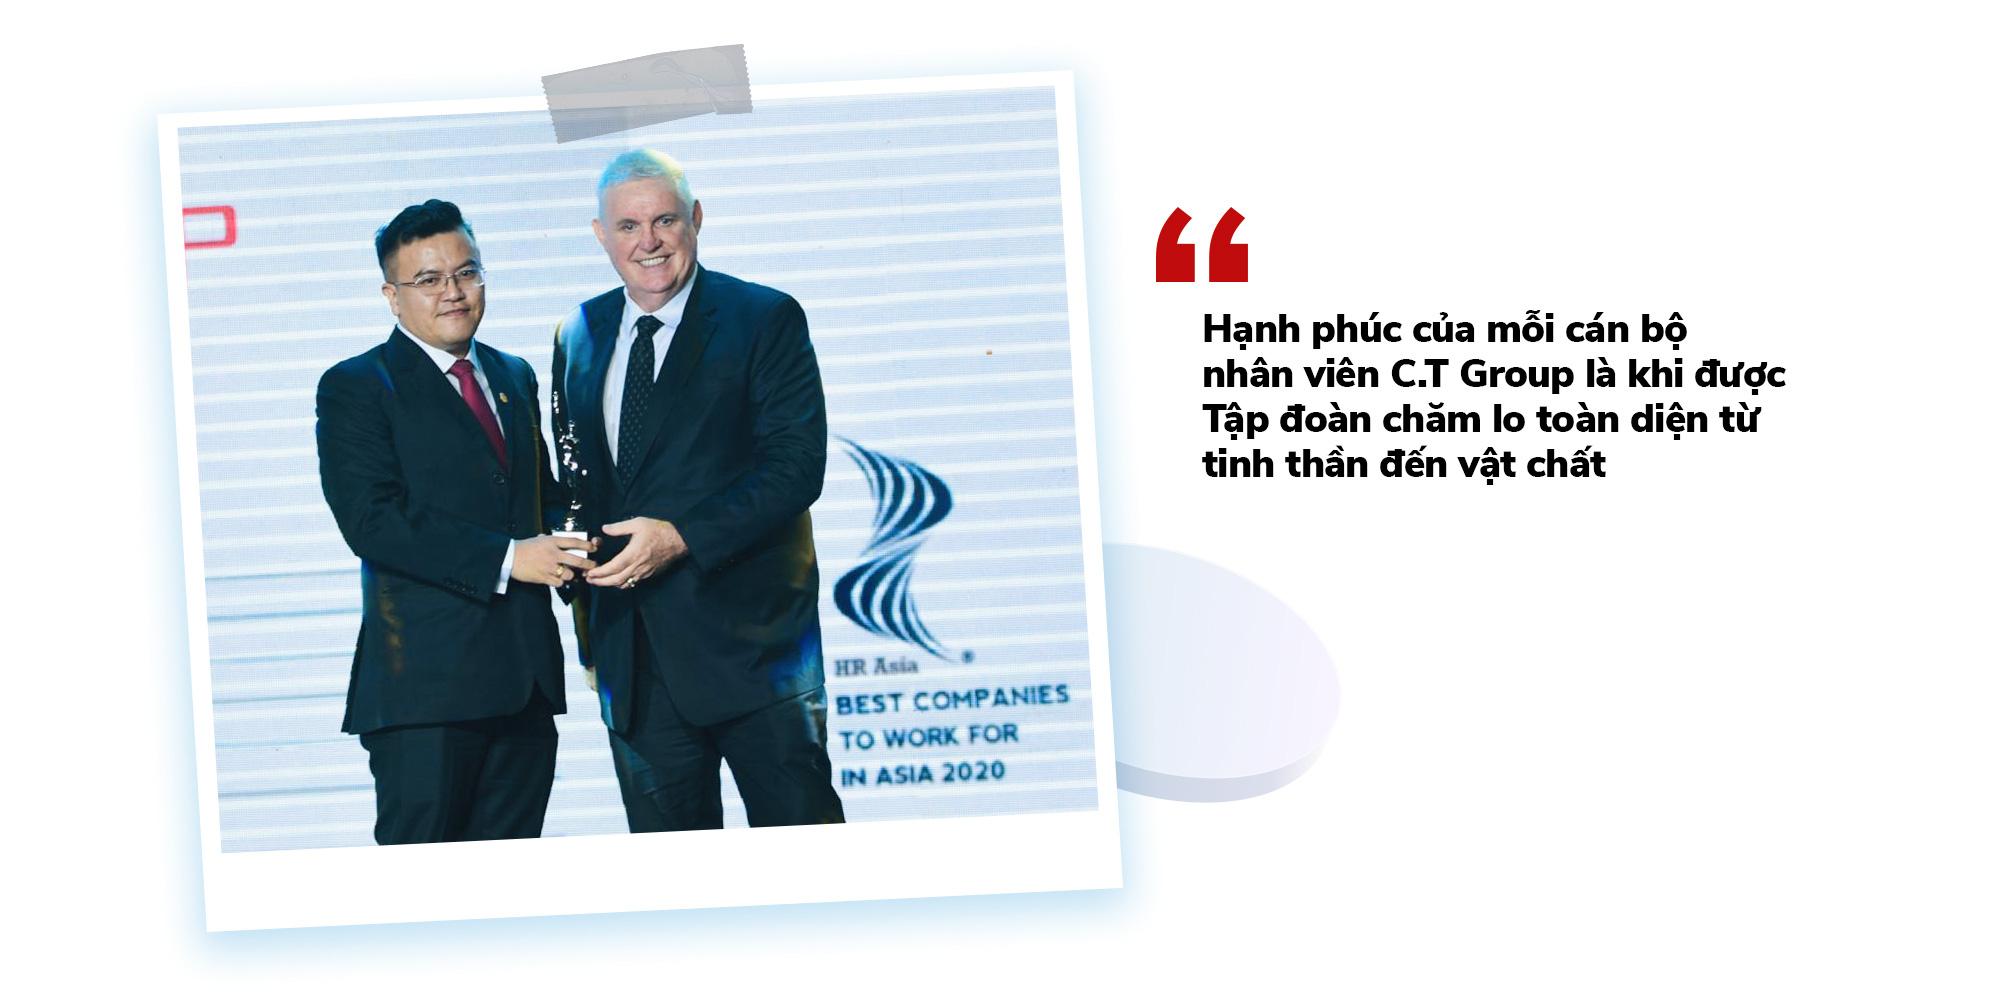 """Khám phá hành trình Caravan danh tiếng của C.T Group – Một đơn vị vừa được giải HR Asia Awards: """"Nơi làm việc tốt nhất Châu Á"""" - Ảnh 13."""